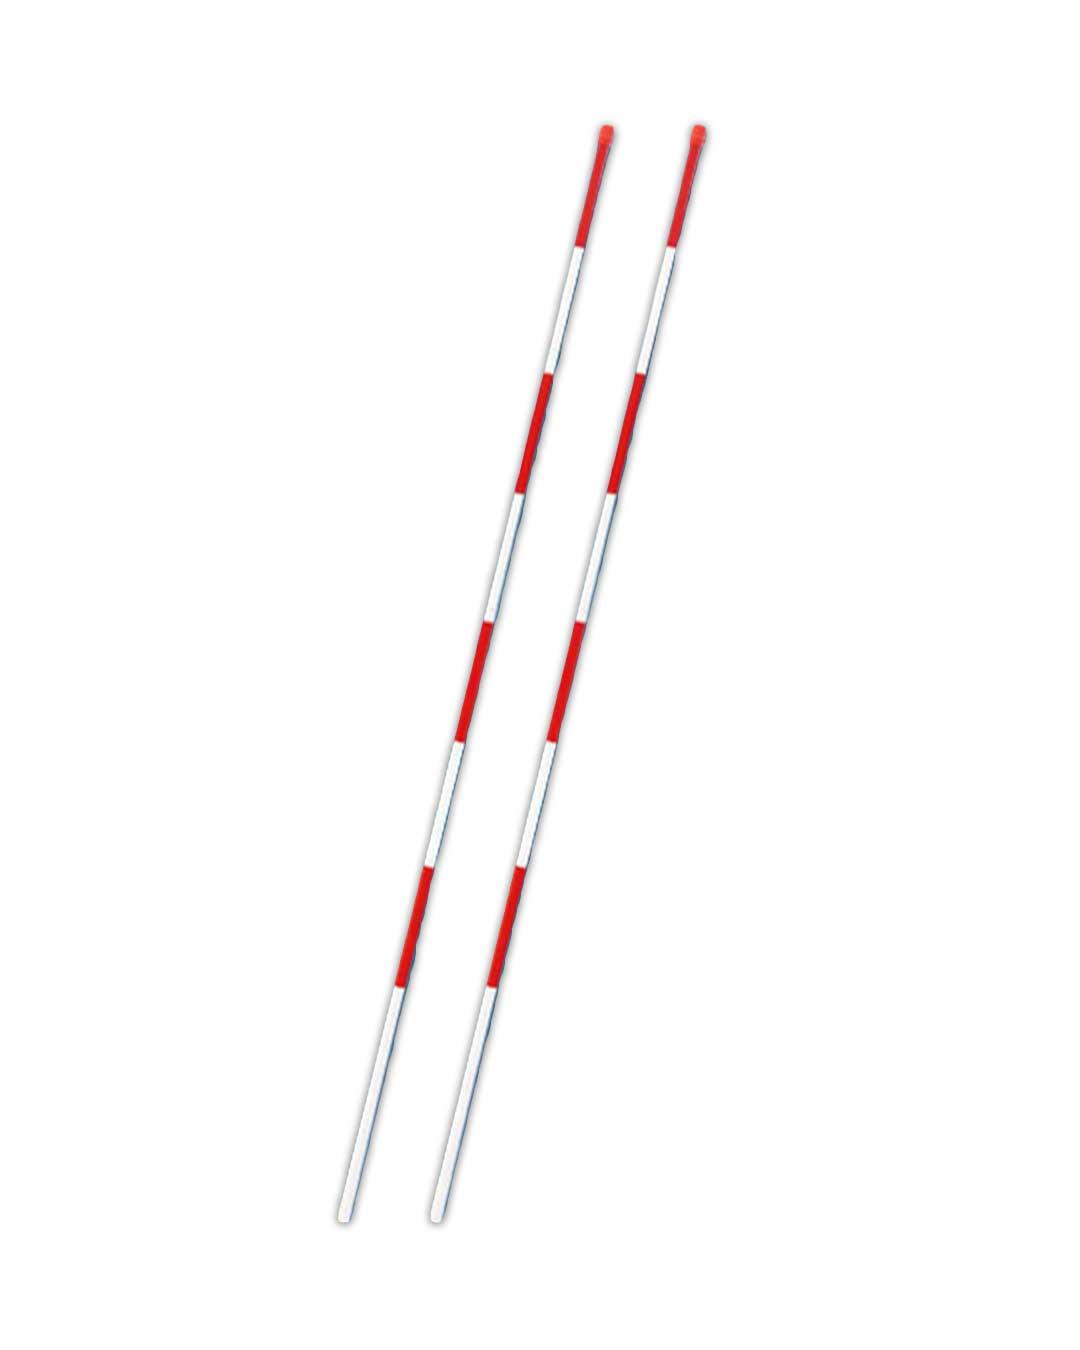 Par de antenas para malla de vóleibol Gala